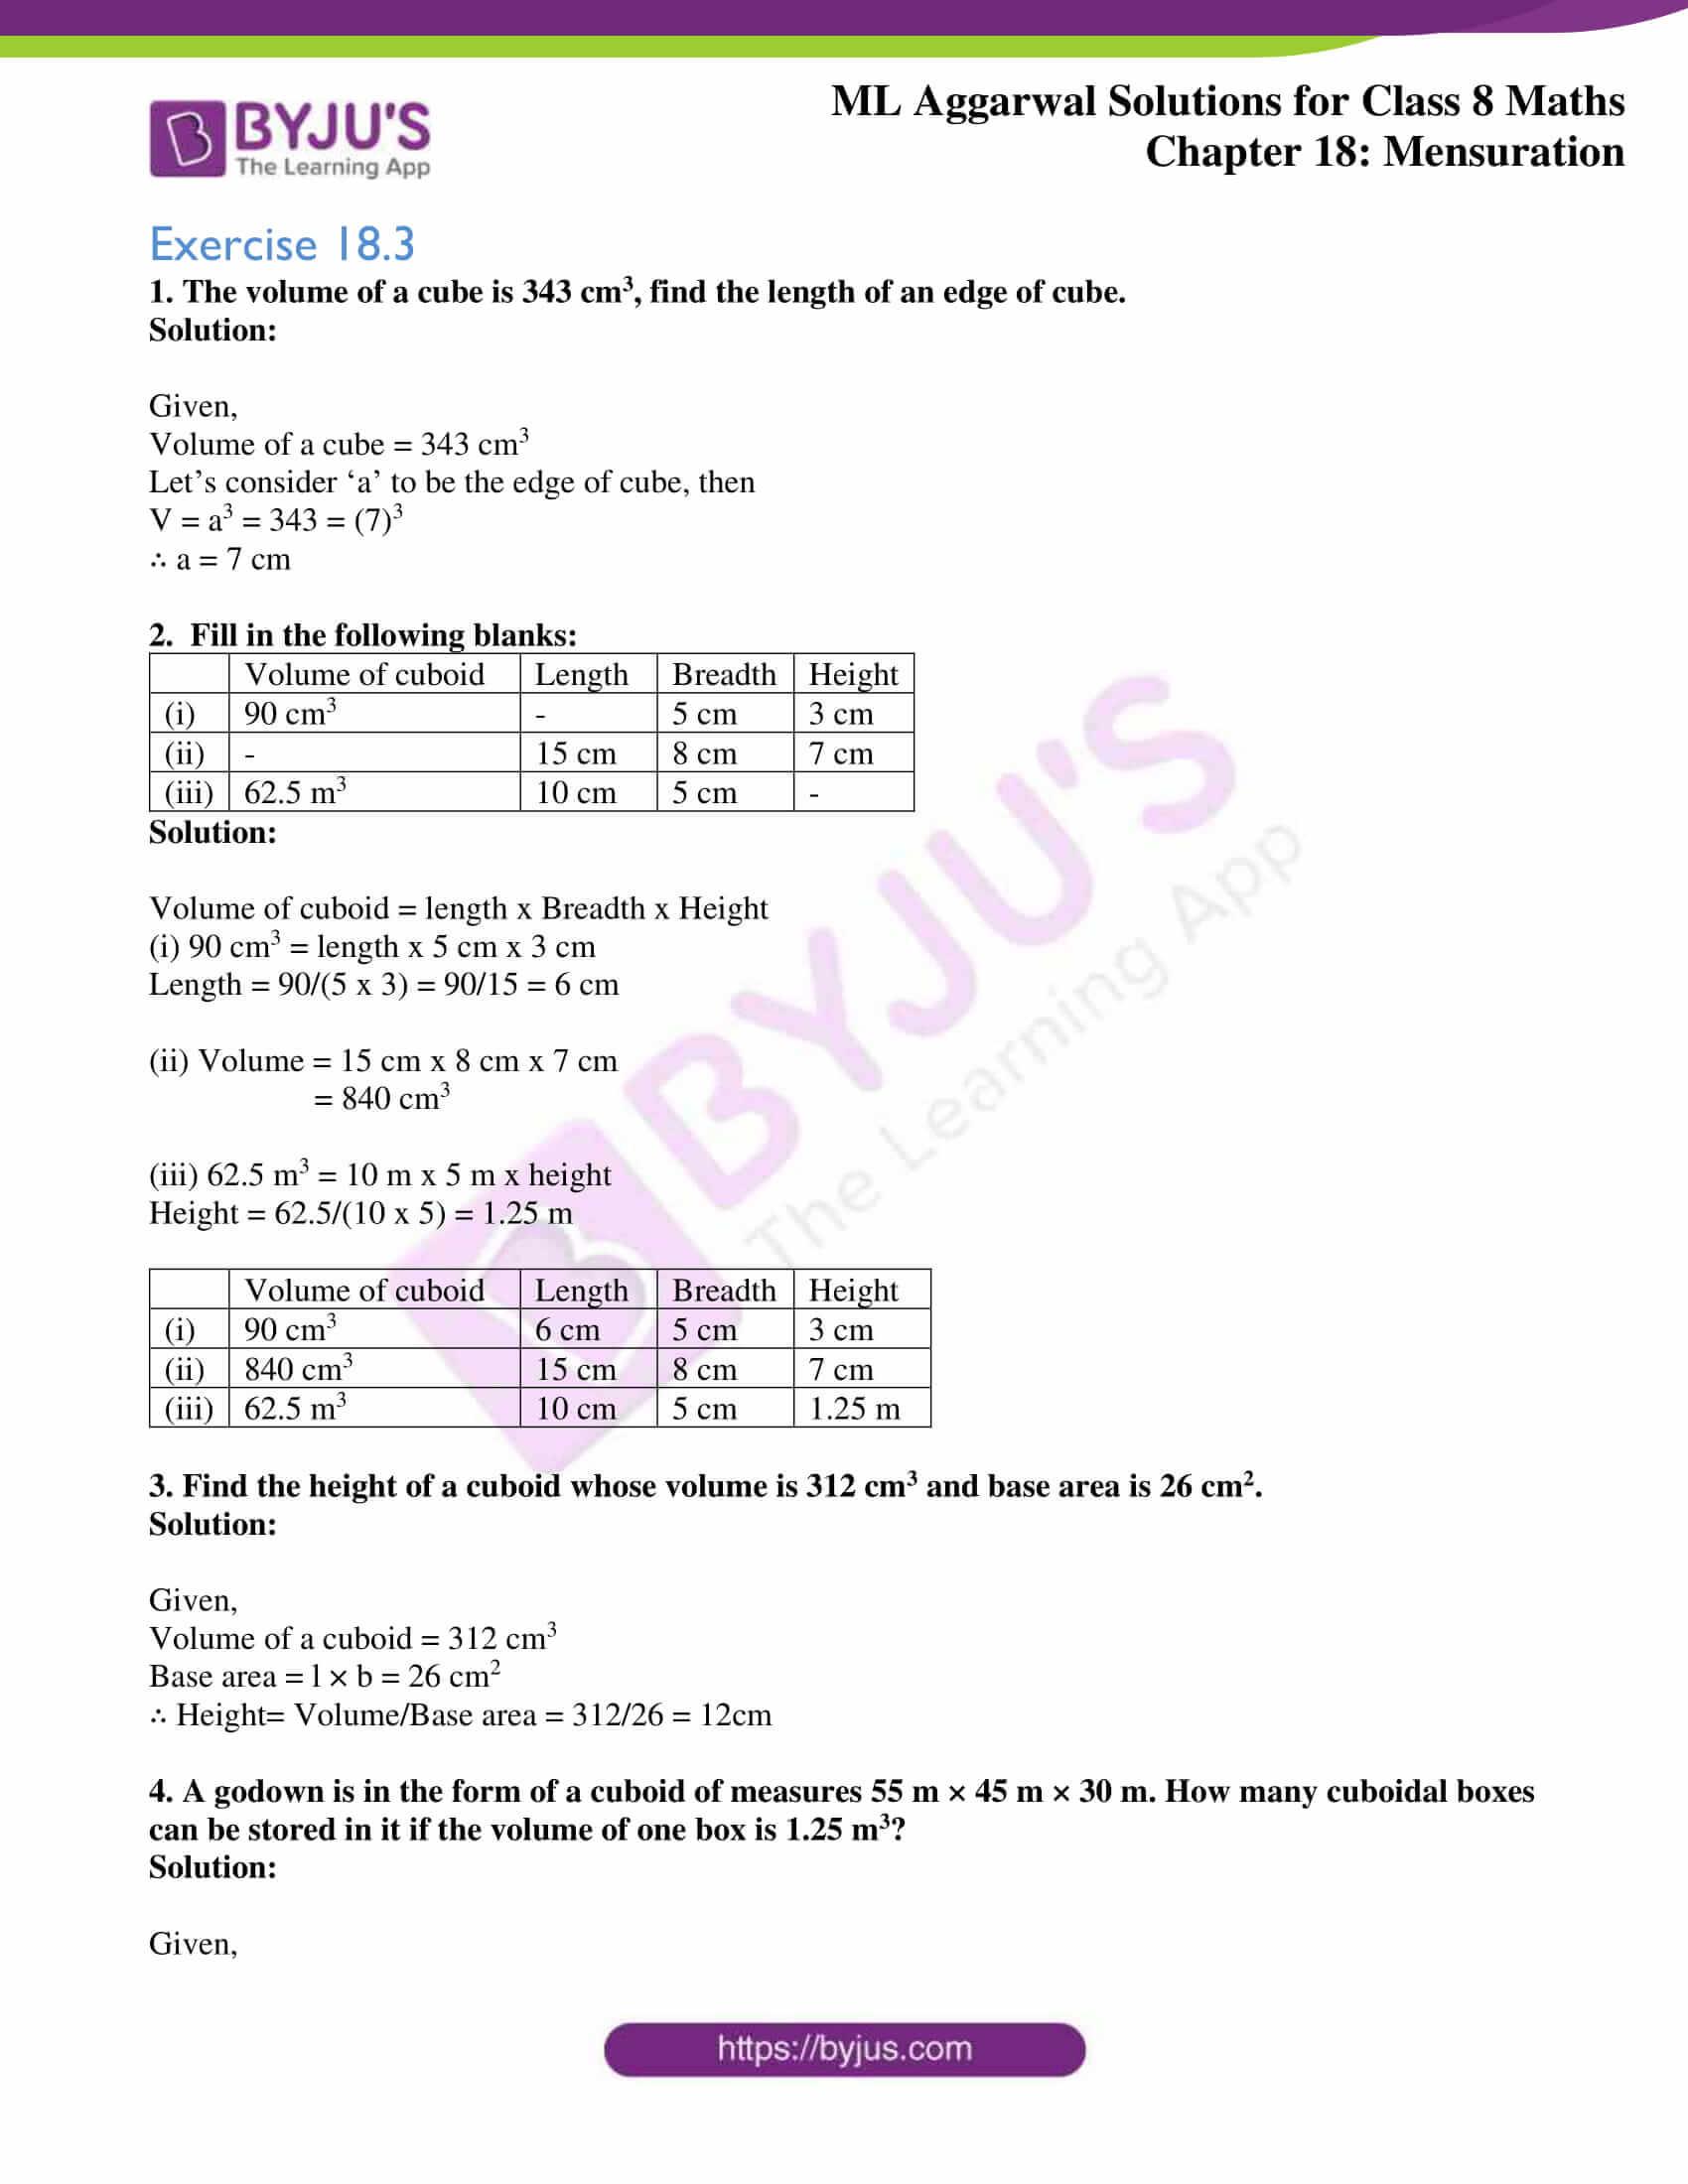 ml aggarwal sol mathematics class 8 ch 18 21